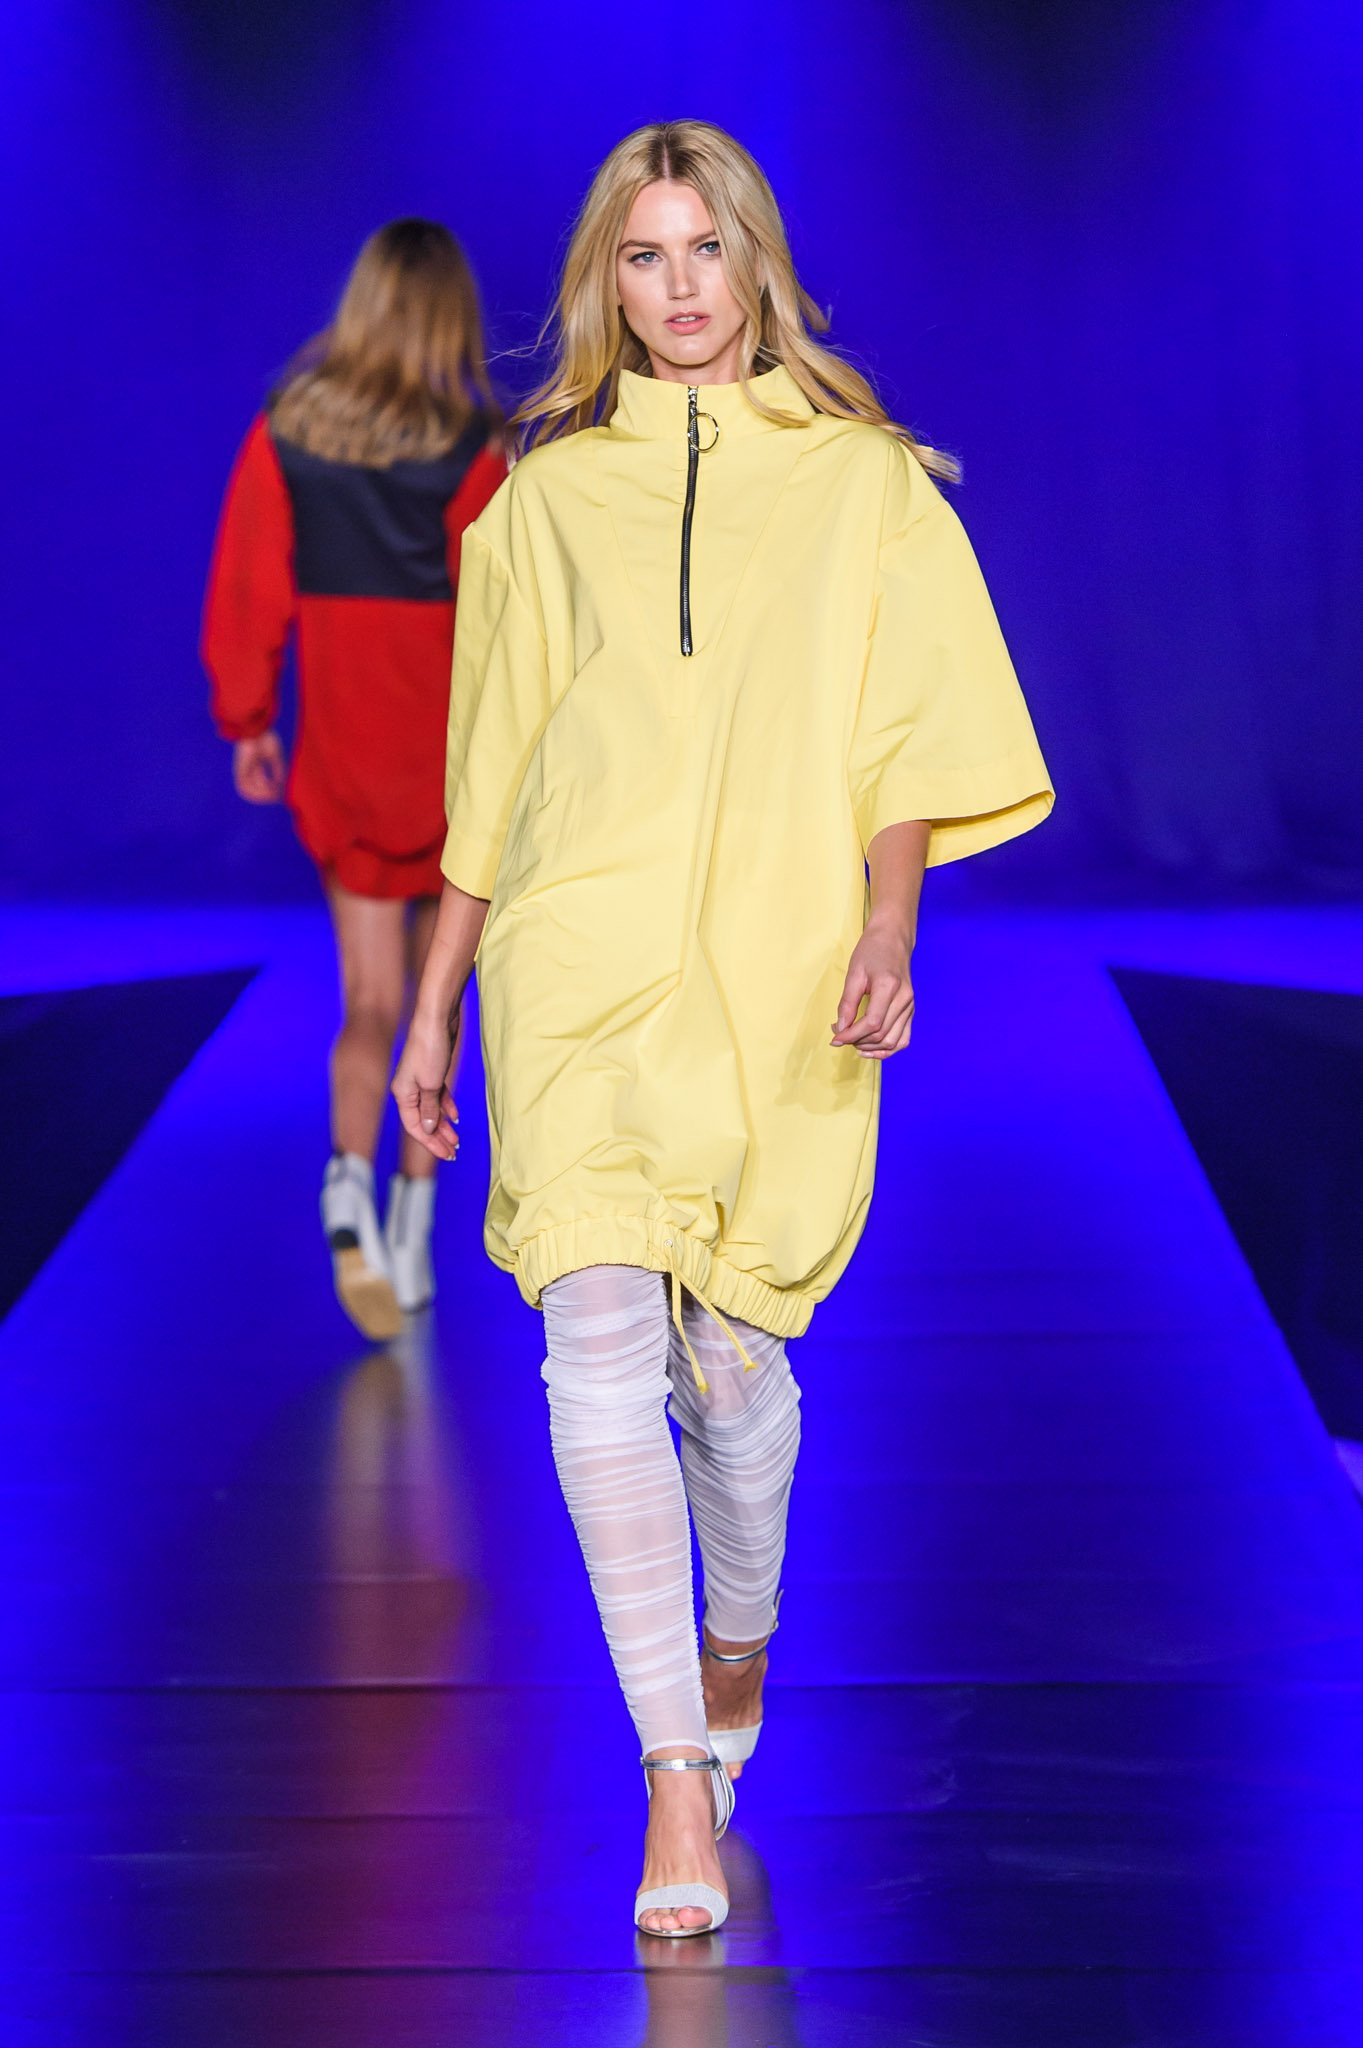 martabanaszek_fotfilipokopny_fashionimages-16 7/10